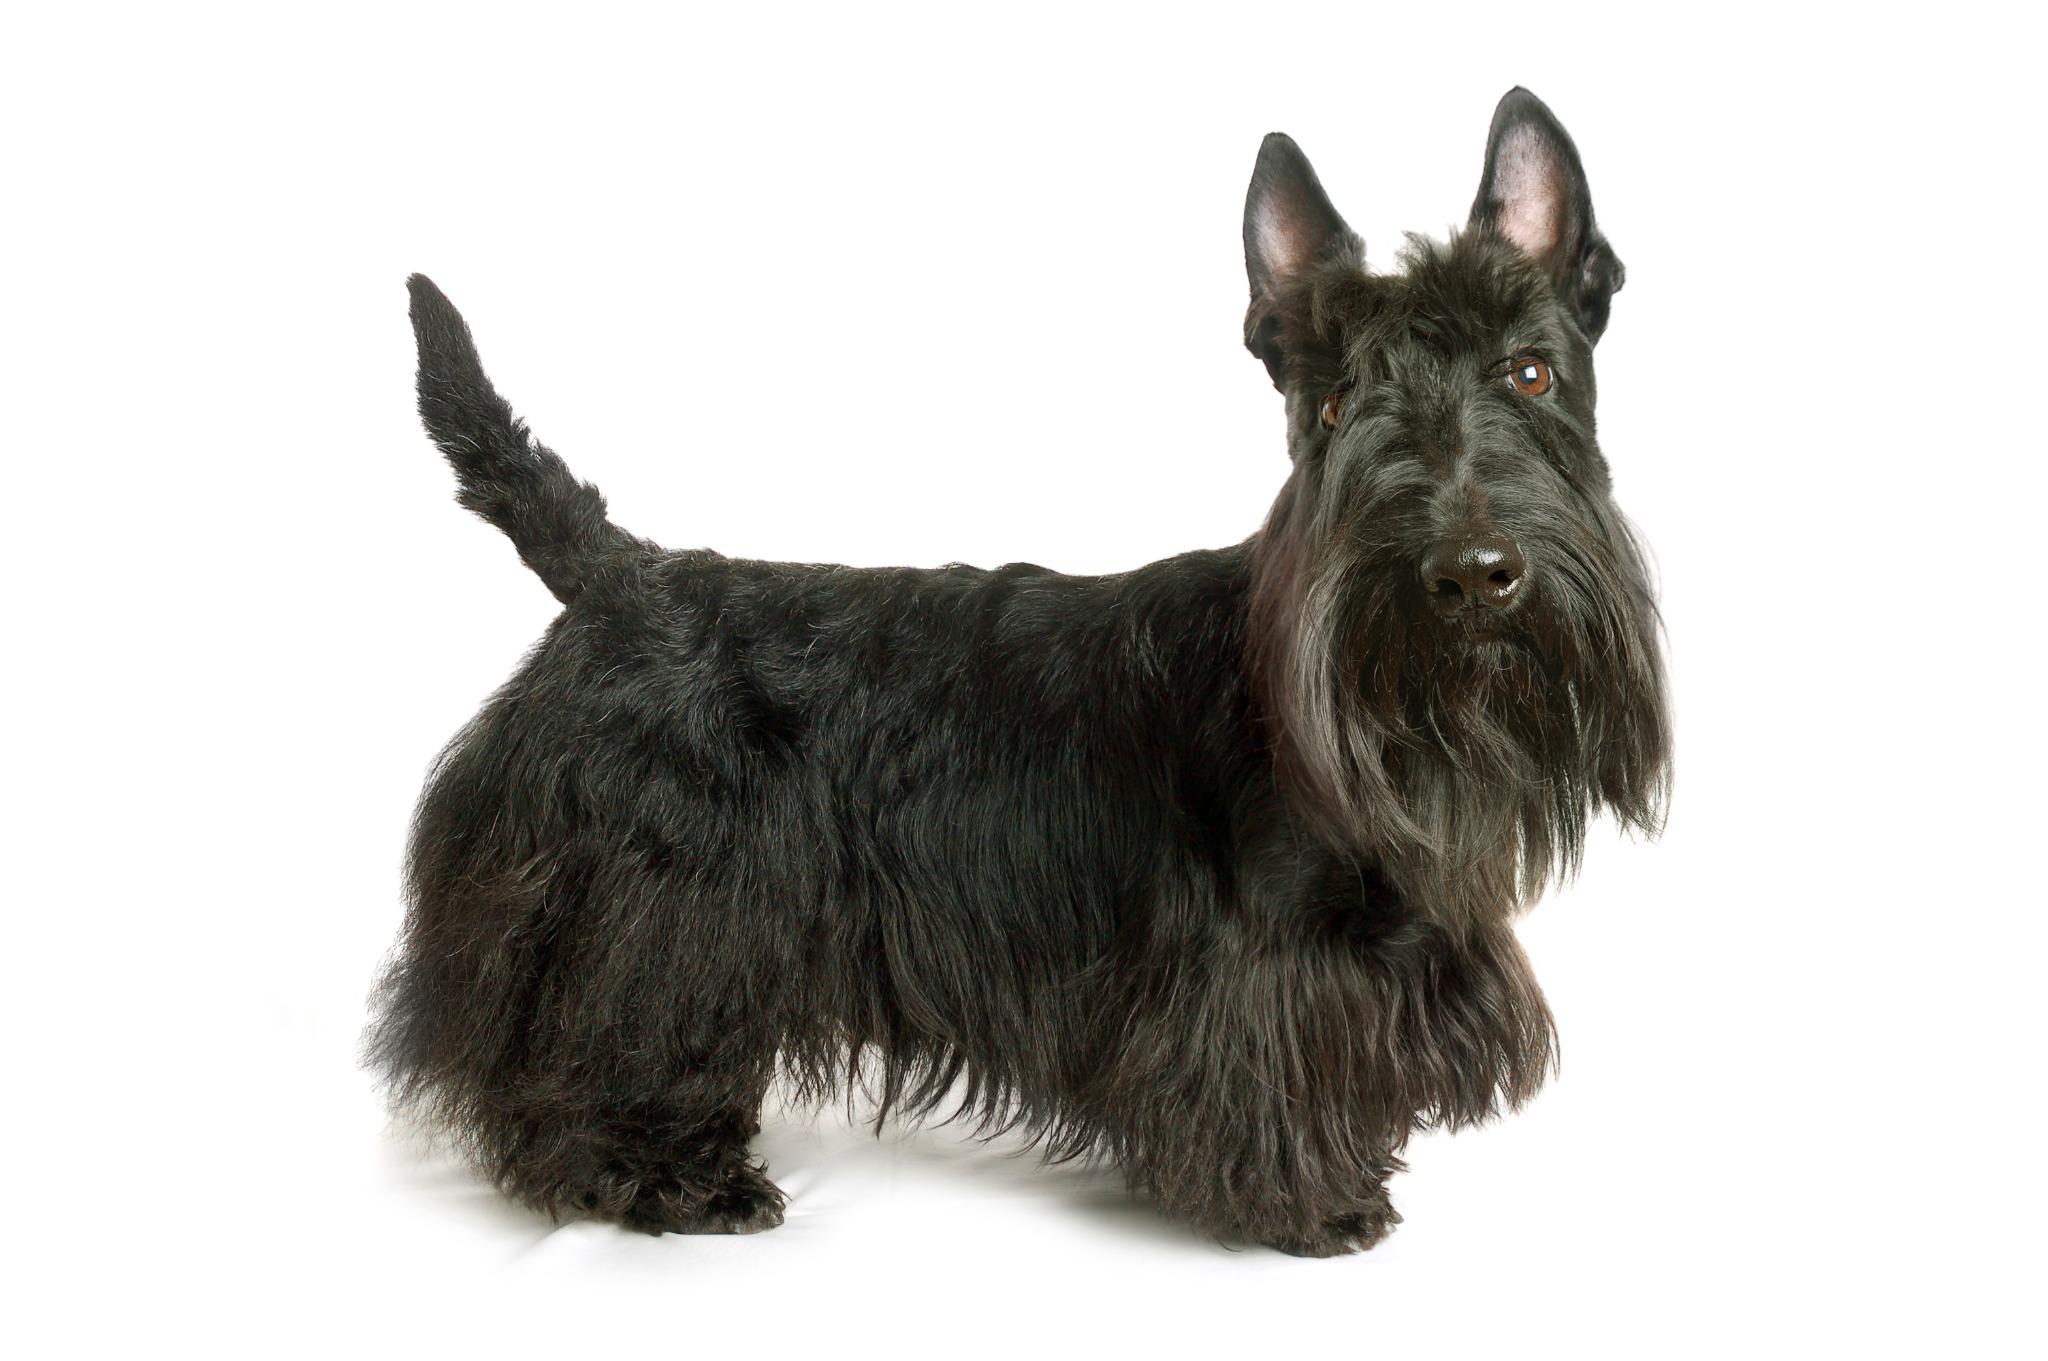 A portrait of a Scottish Terrier